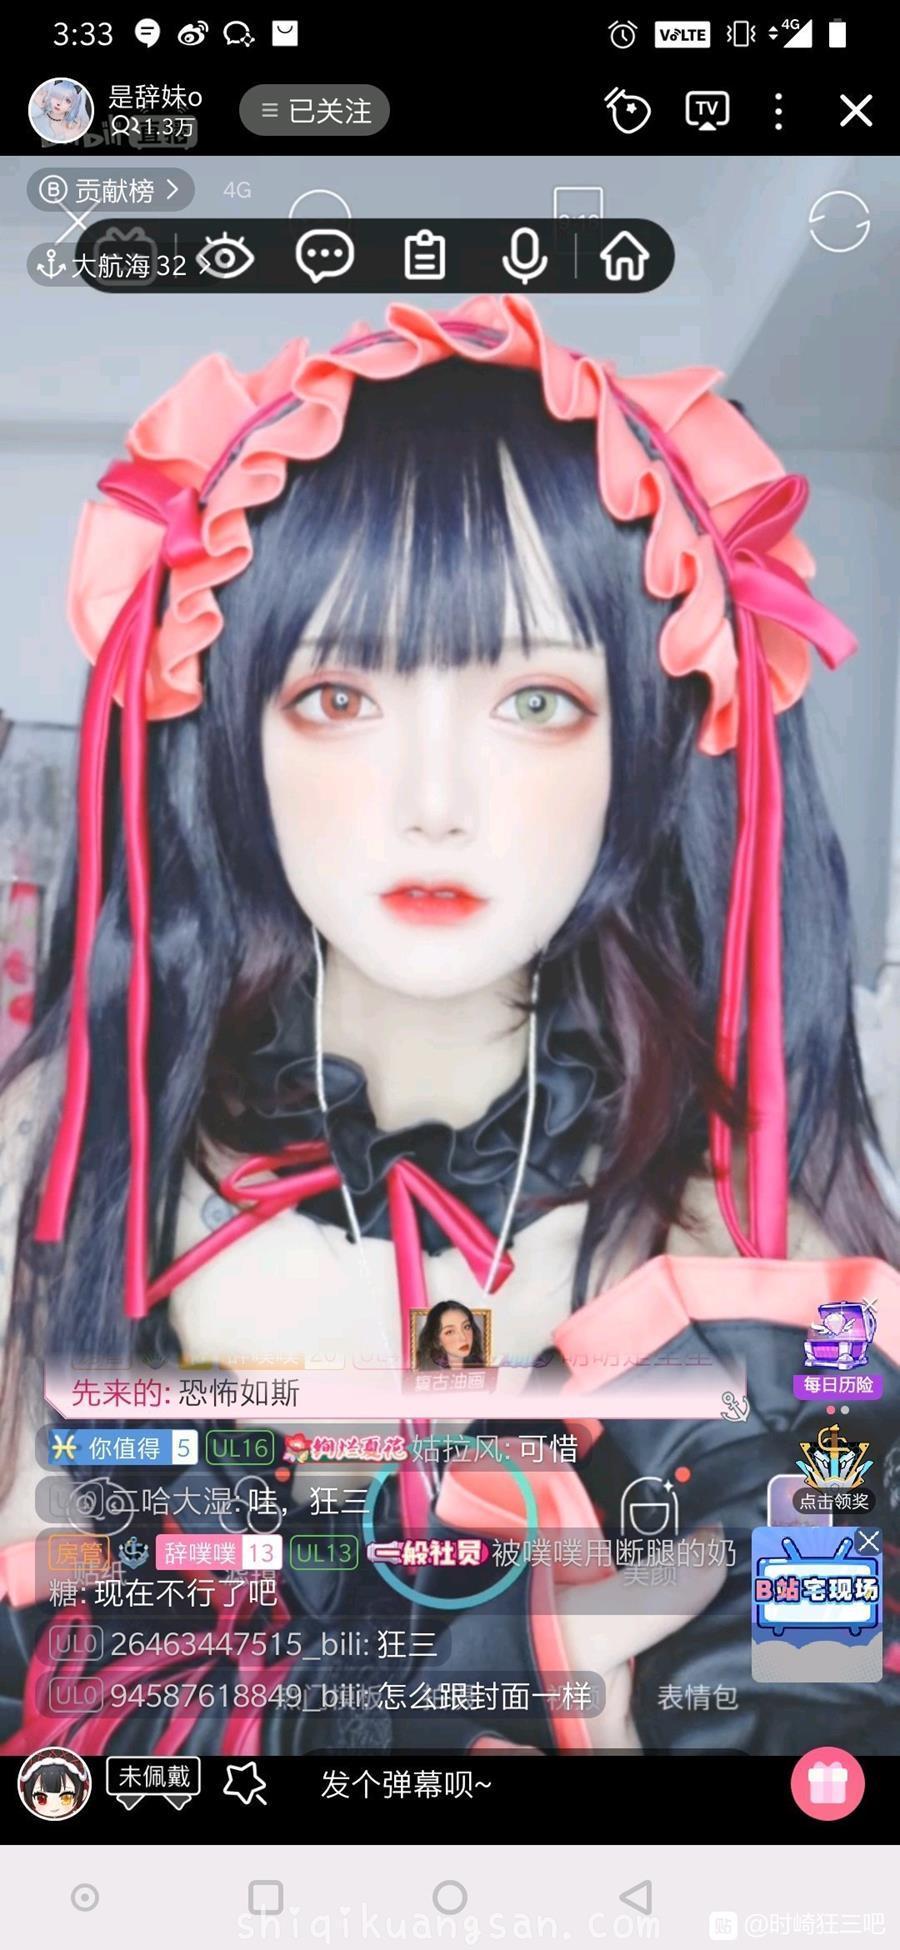 偶遇一位cosplay狂三的小姐姐正在直播_图片 No.7